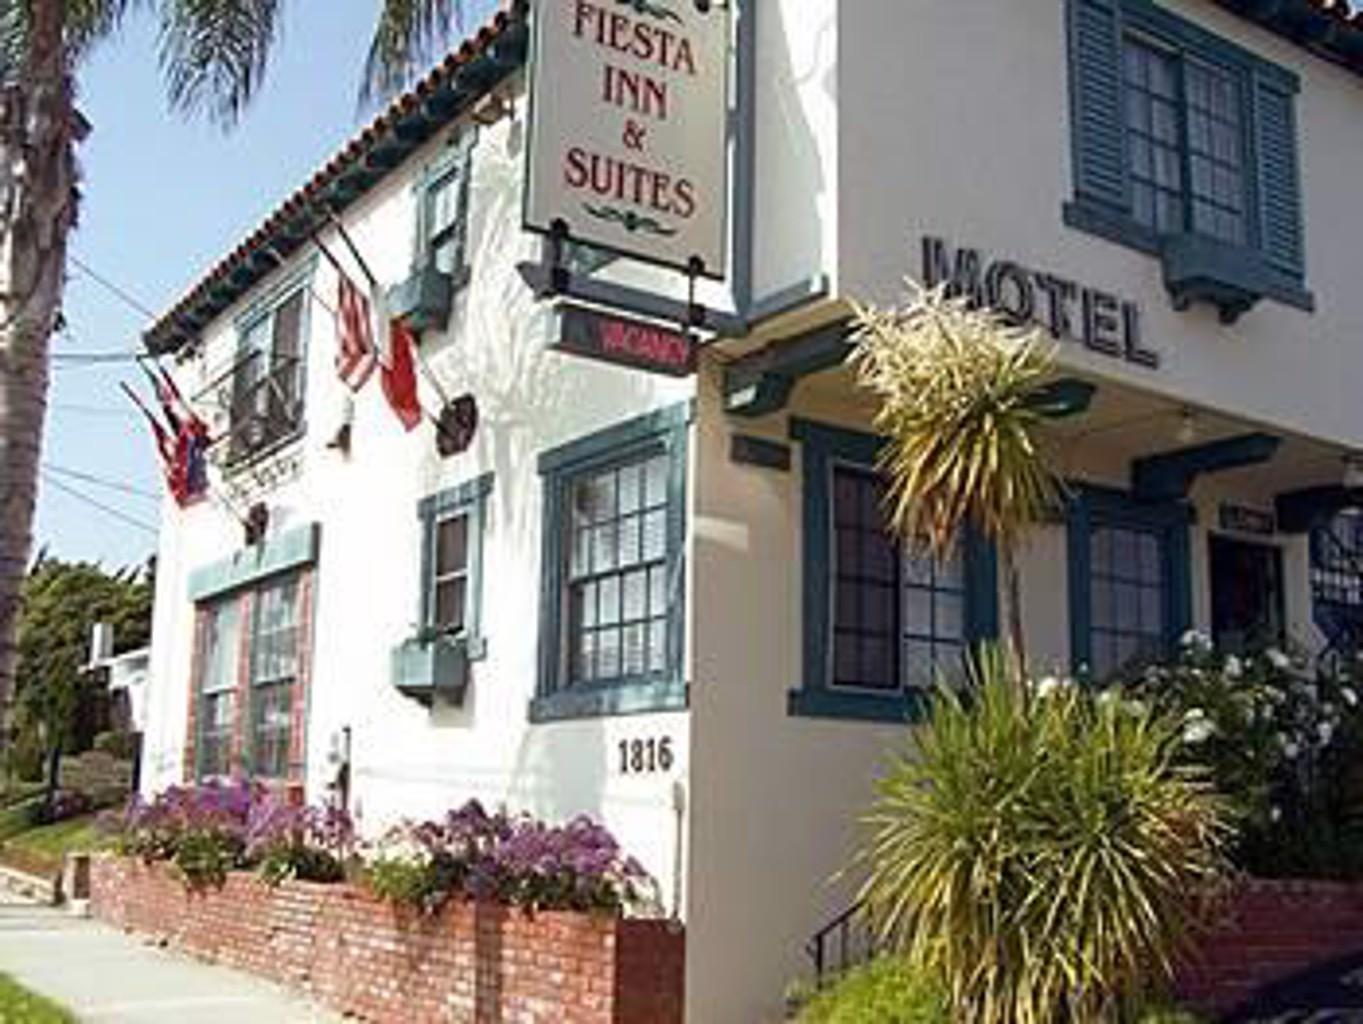 Fiesta Inn And Suites